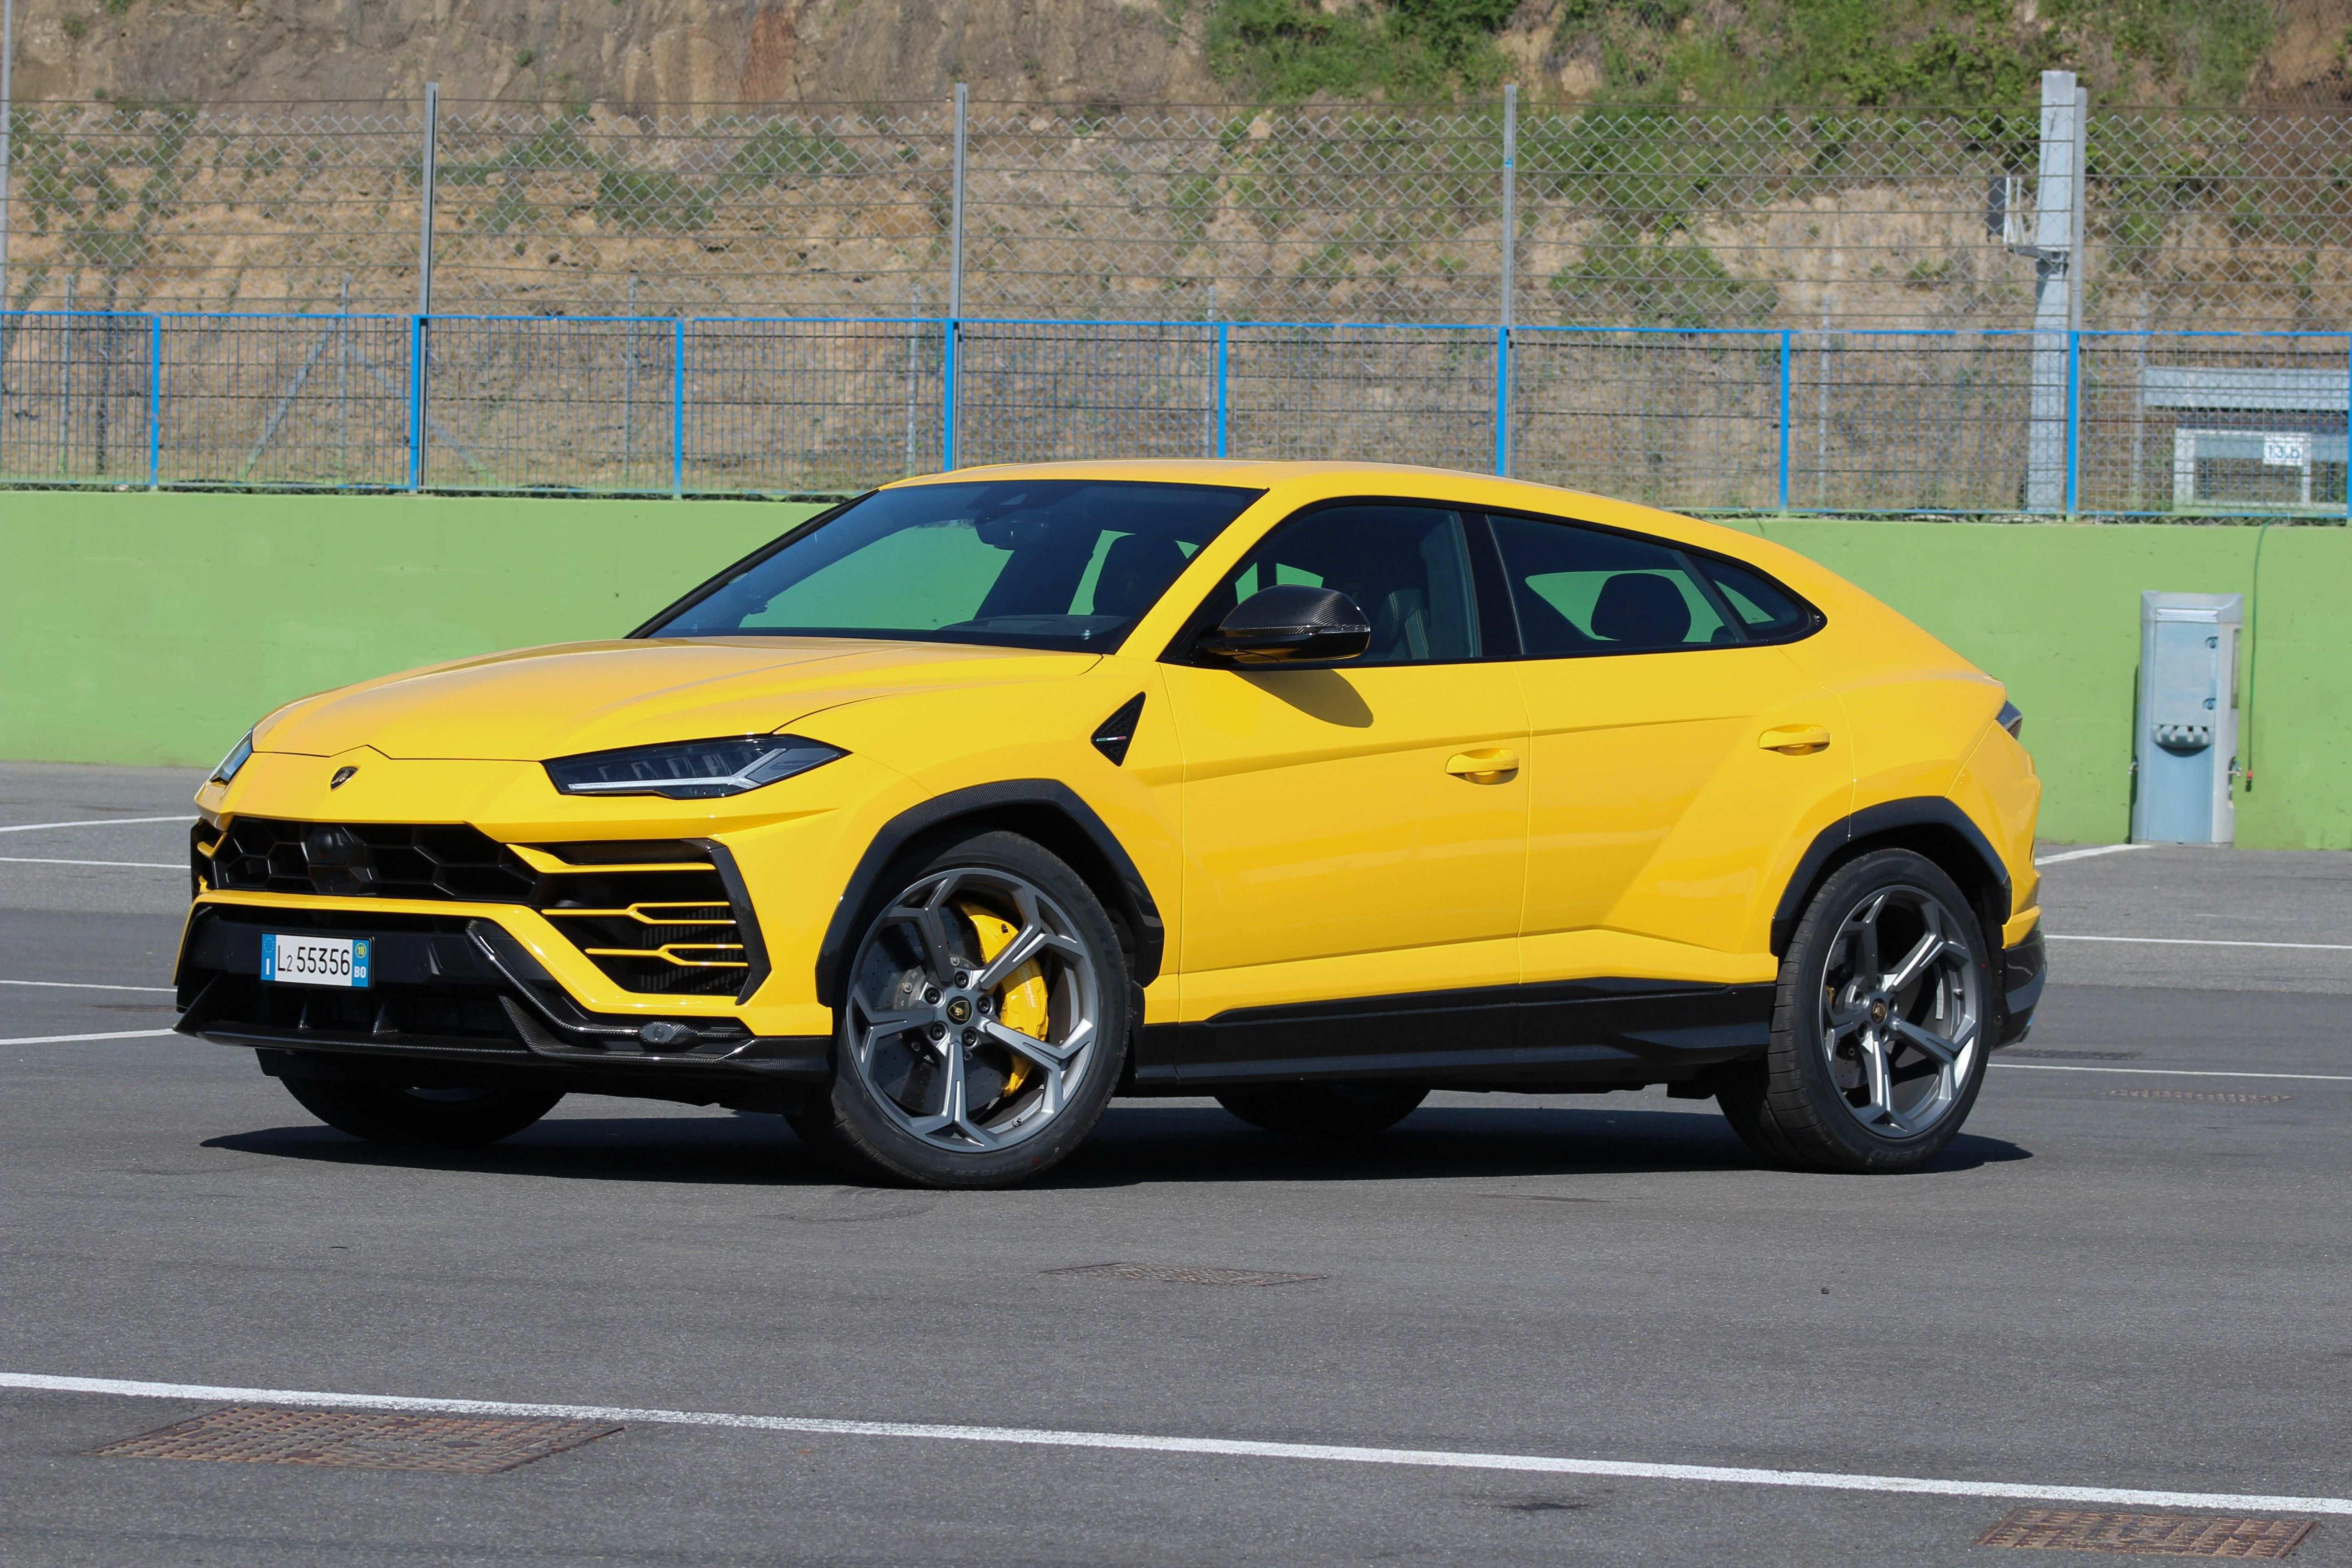 69 Concept of 2019 Lamborghini Urus Review Speed Test with 2019 Lamborghini Urus Review